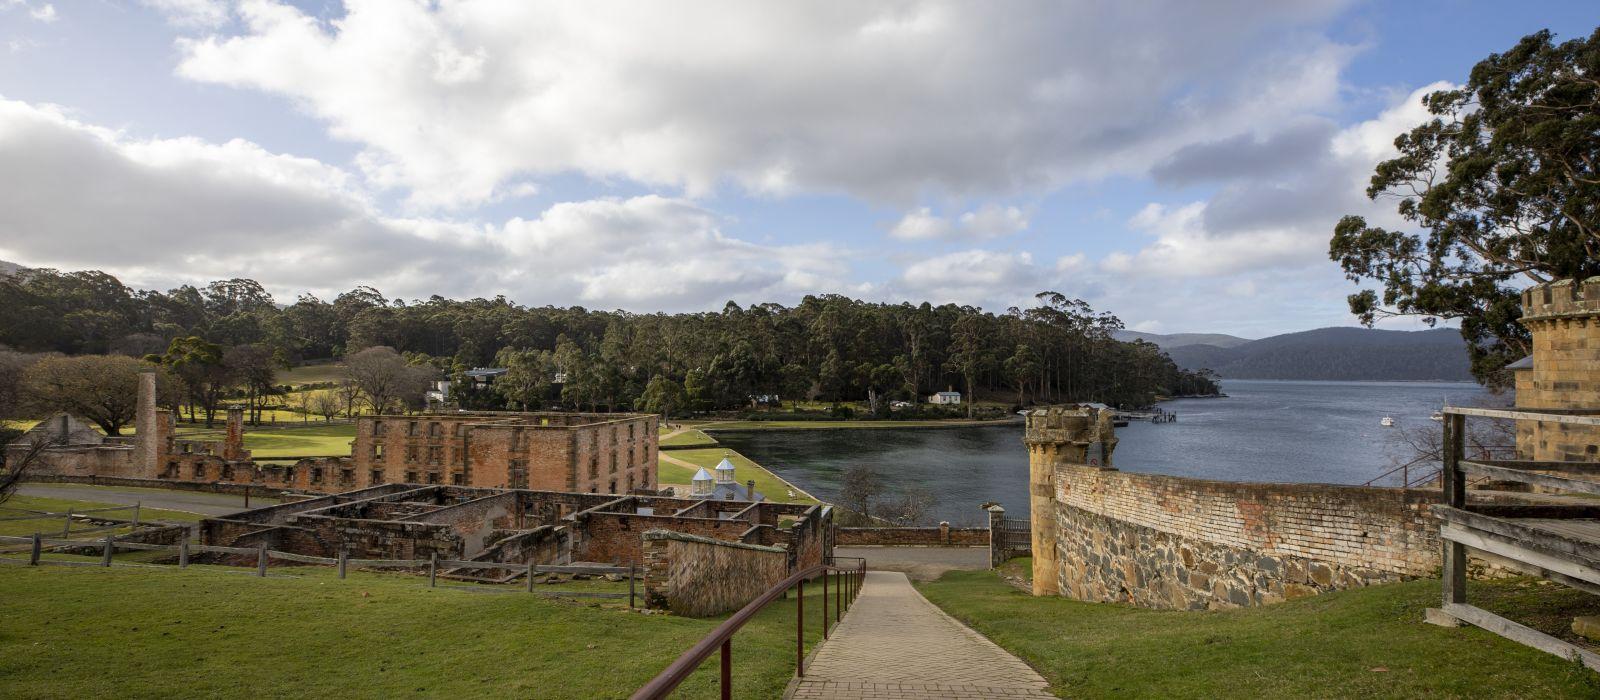 Reiseziel Strahan Australien